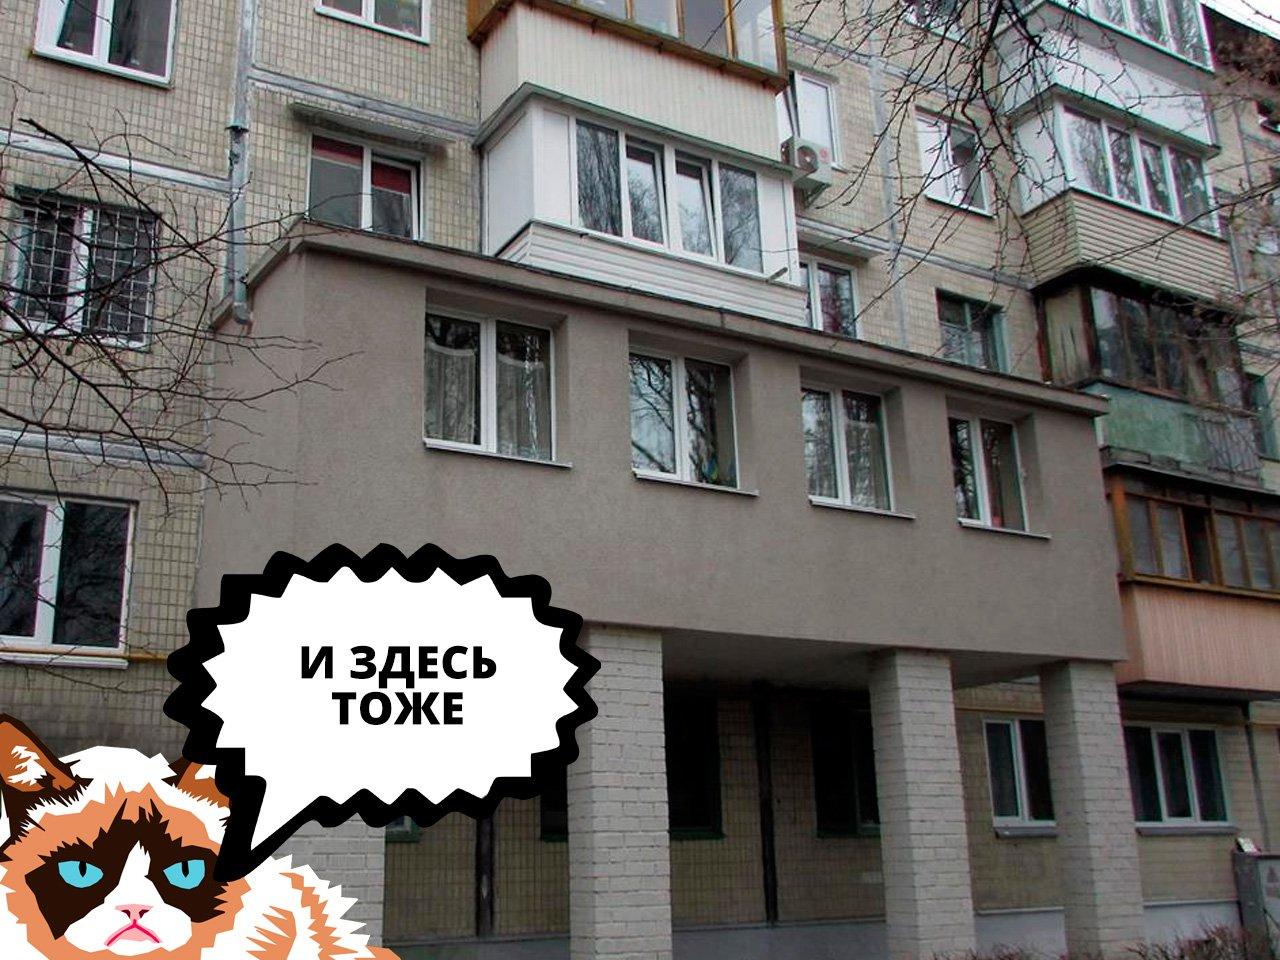 Царь-балконы наступают: как киевляне реагируют на эпидемию, фото-3